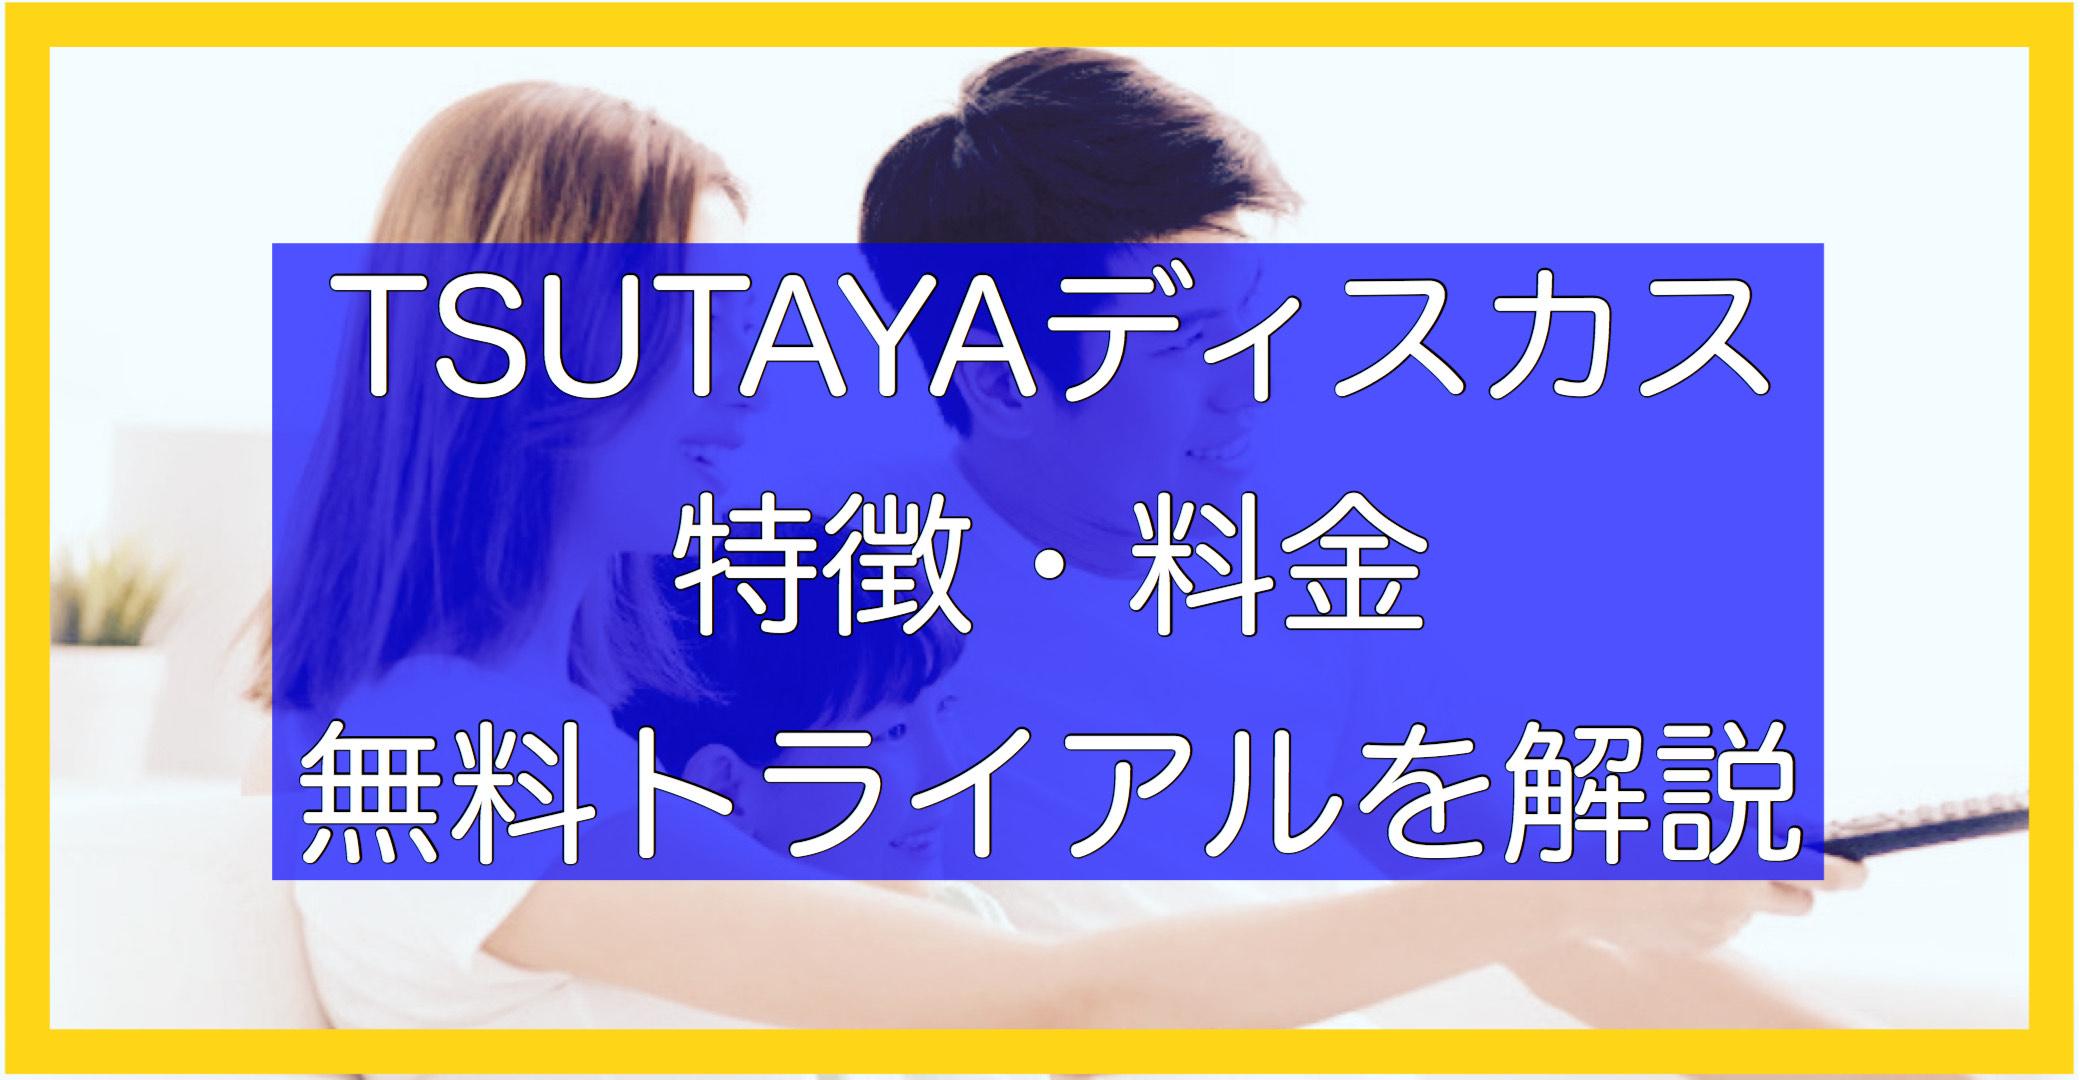 TSUTAYAディスカスの特徴・料金・無料トライアルについて詳しく解説